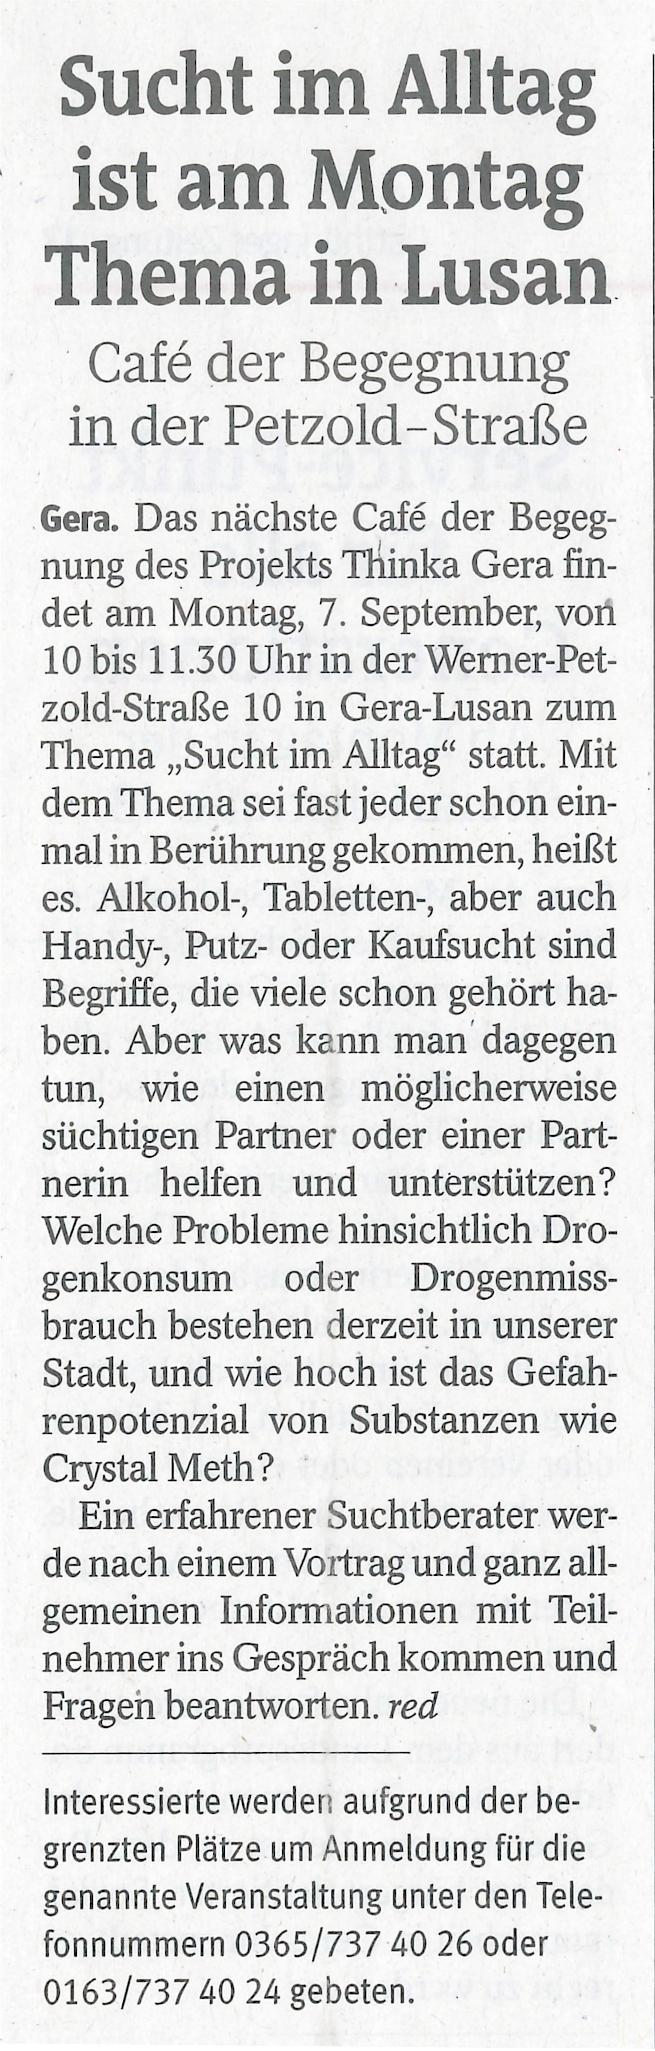 """Café der Begegnung in der Petzold-Straße Das nächste Café der Begegnung des Projekts ThINKA Gera findet am Montag 07. September 2020 von bis 11:30 Uhr in der Werner-Petzold-Str. 10 in Gera-Lusan zum Thema """"Sucht im Alltag"""" statt.  Mit dem Thema """"Sucht im Alltag"""" sei fast jeder schon einmal in Berührung gekommen, heißt es.  Alkohol-, Tabletten-, aber auch Handy-, Putz- oder Kaufsucht sind Begriffe, die viele schon gehört haben und sich etwas dabei vorstellen können. Aber was kann man dagegen tun, wie einen möglicherweise süchtigen Partner oder Partnerin helfen und unterstützen? Welche Probleme hinsichtlich Drogenkonsum oder Drogenmissbrauch bestehen derzeit in unserer Stadt, und wie hoch ist das Gefahrenpotential von Substanzen wie Crystal Meth? Ein erfahrener Suchtberater, werde nach einem Vortrag und ganz allgemeinen Informationen mit Teilnehmern ins Gespräch kommen und Fragen beantworten.   Interessierte BürgerInnen werden aufgrund der begrenzten Plätze um telefonische Anmeldung für die genannte Veranstaltung gebeten, unter den Telefonnummern  0365 – 737 40 26 oder 0163- 737 40 24."""